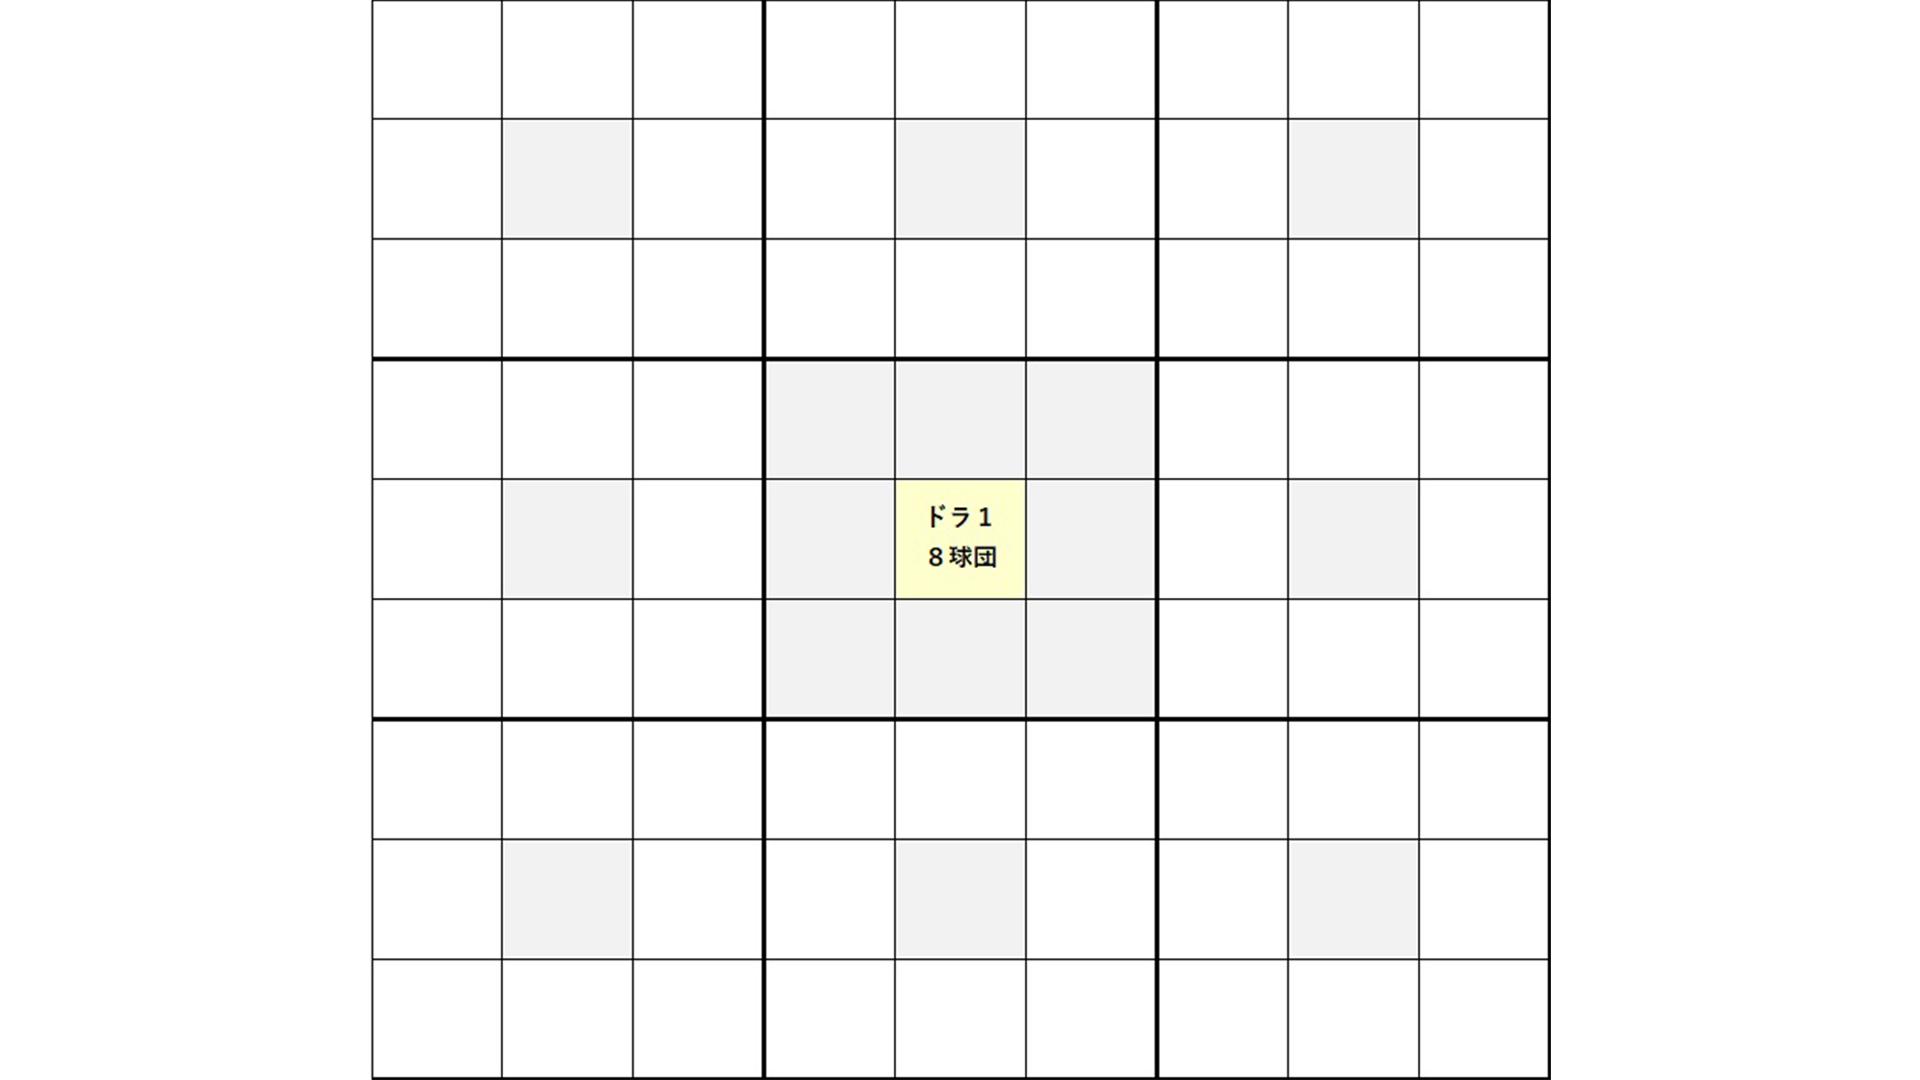 中央の真ん中マスに1番の目標を記載